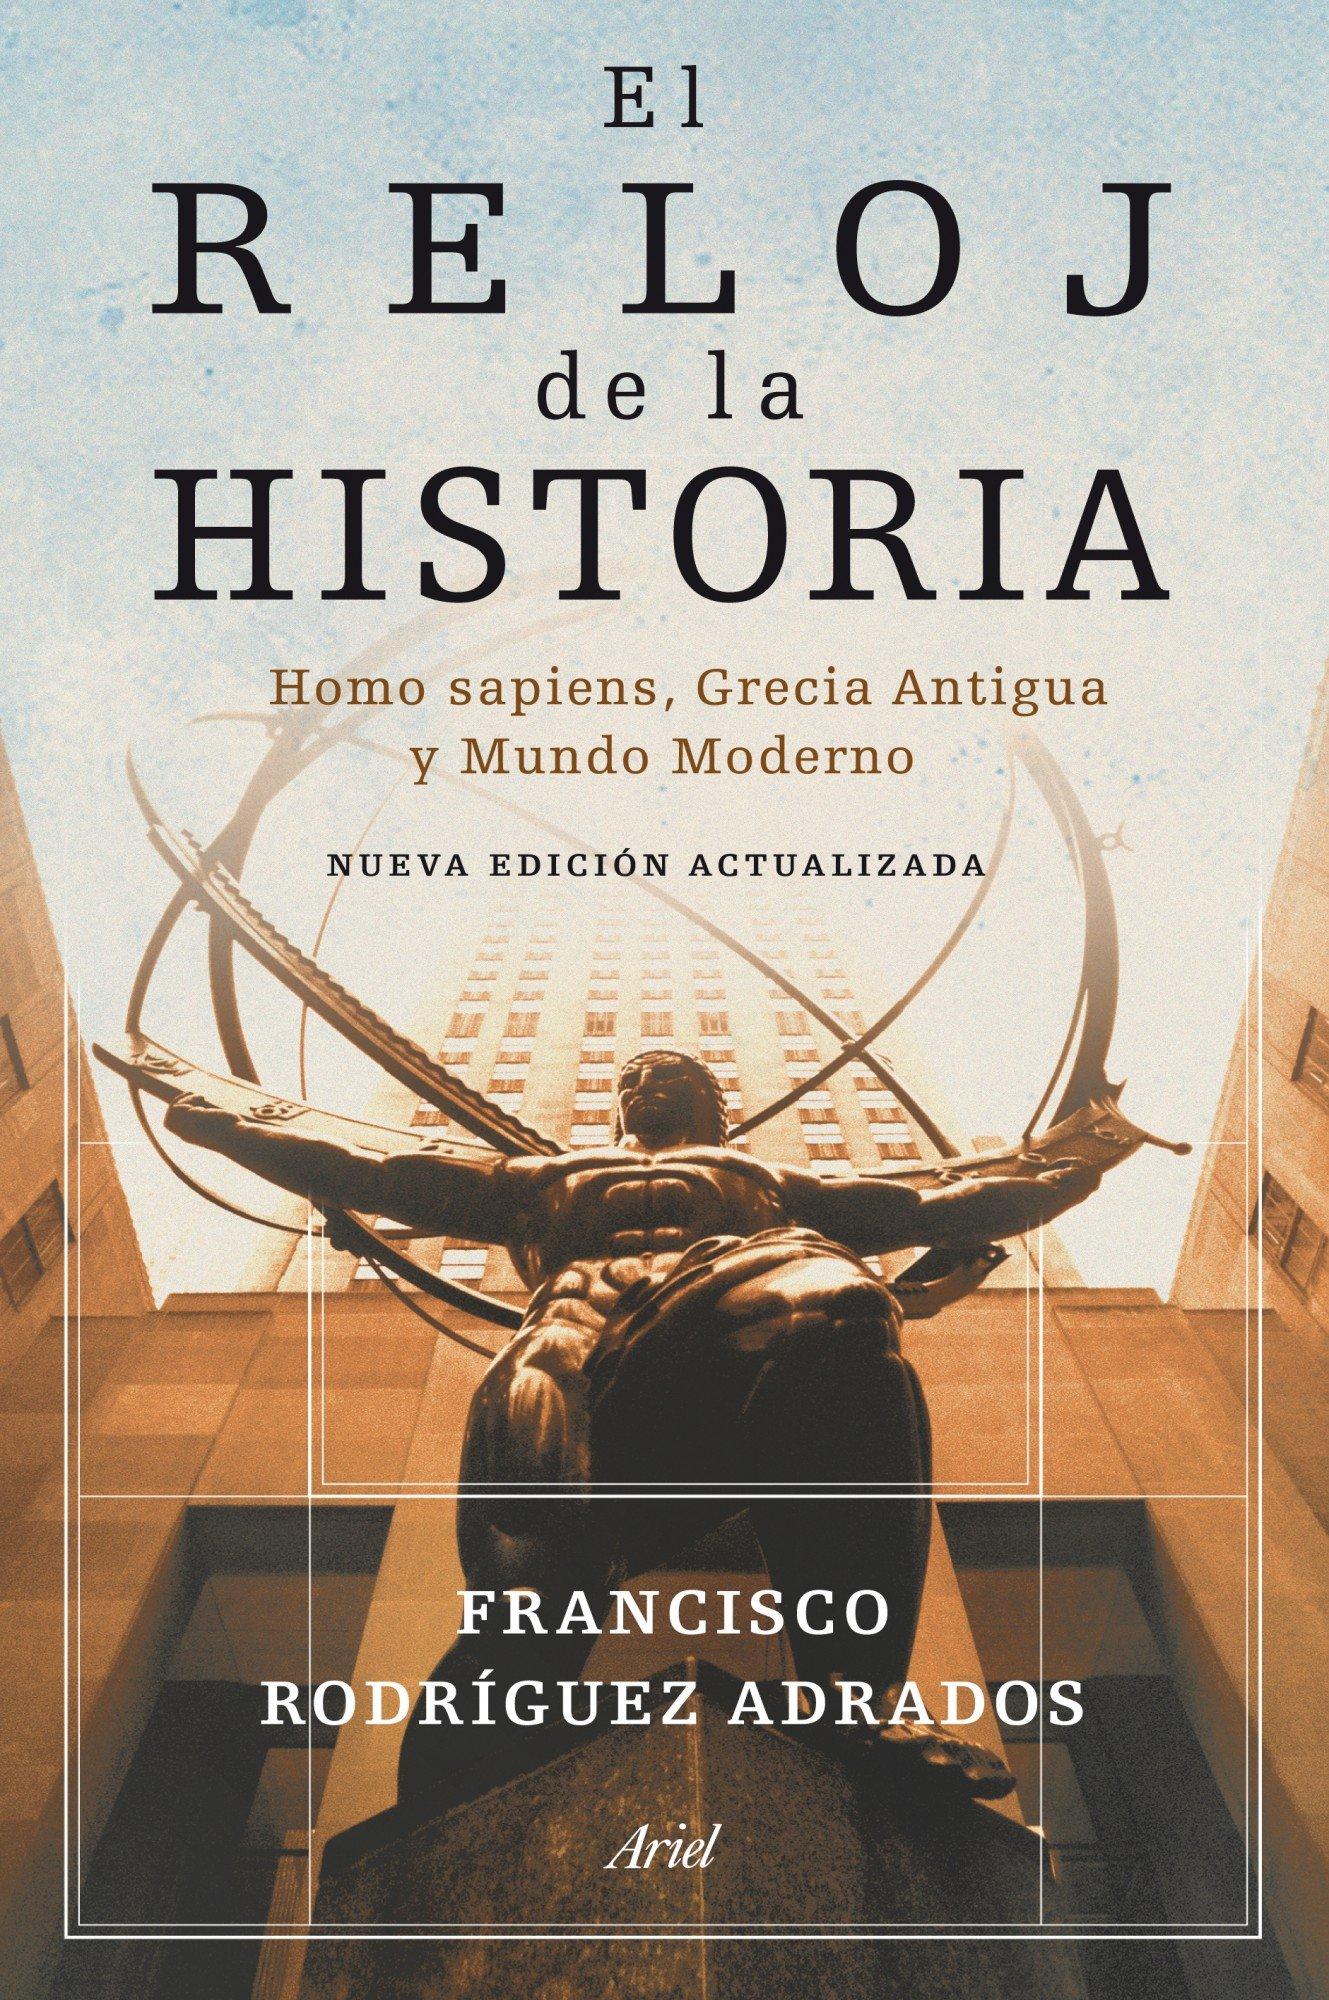 El reloj de la historia : Homo sapiens, Grecia Antigua y Mundo Moderno (Spanish) Paperback – May 1, 2010